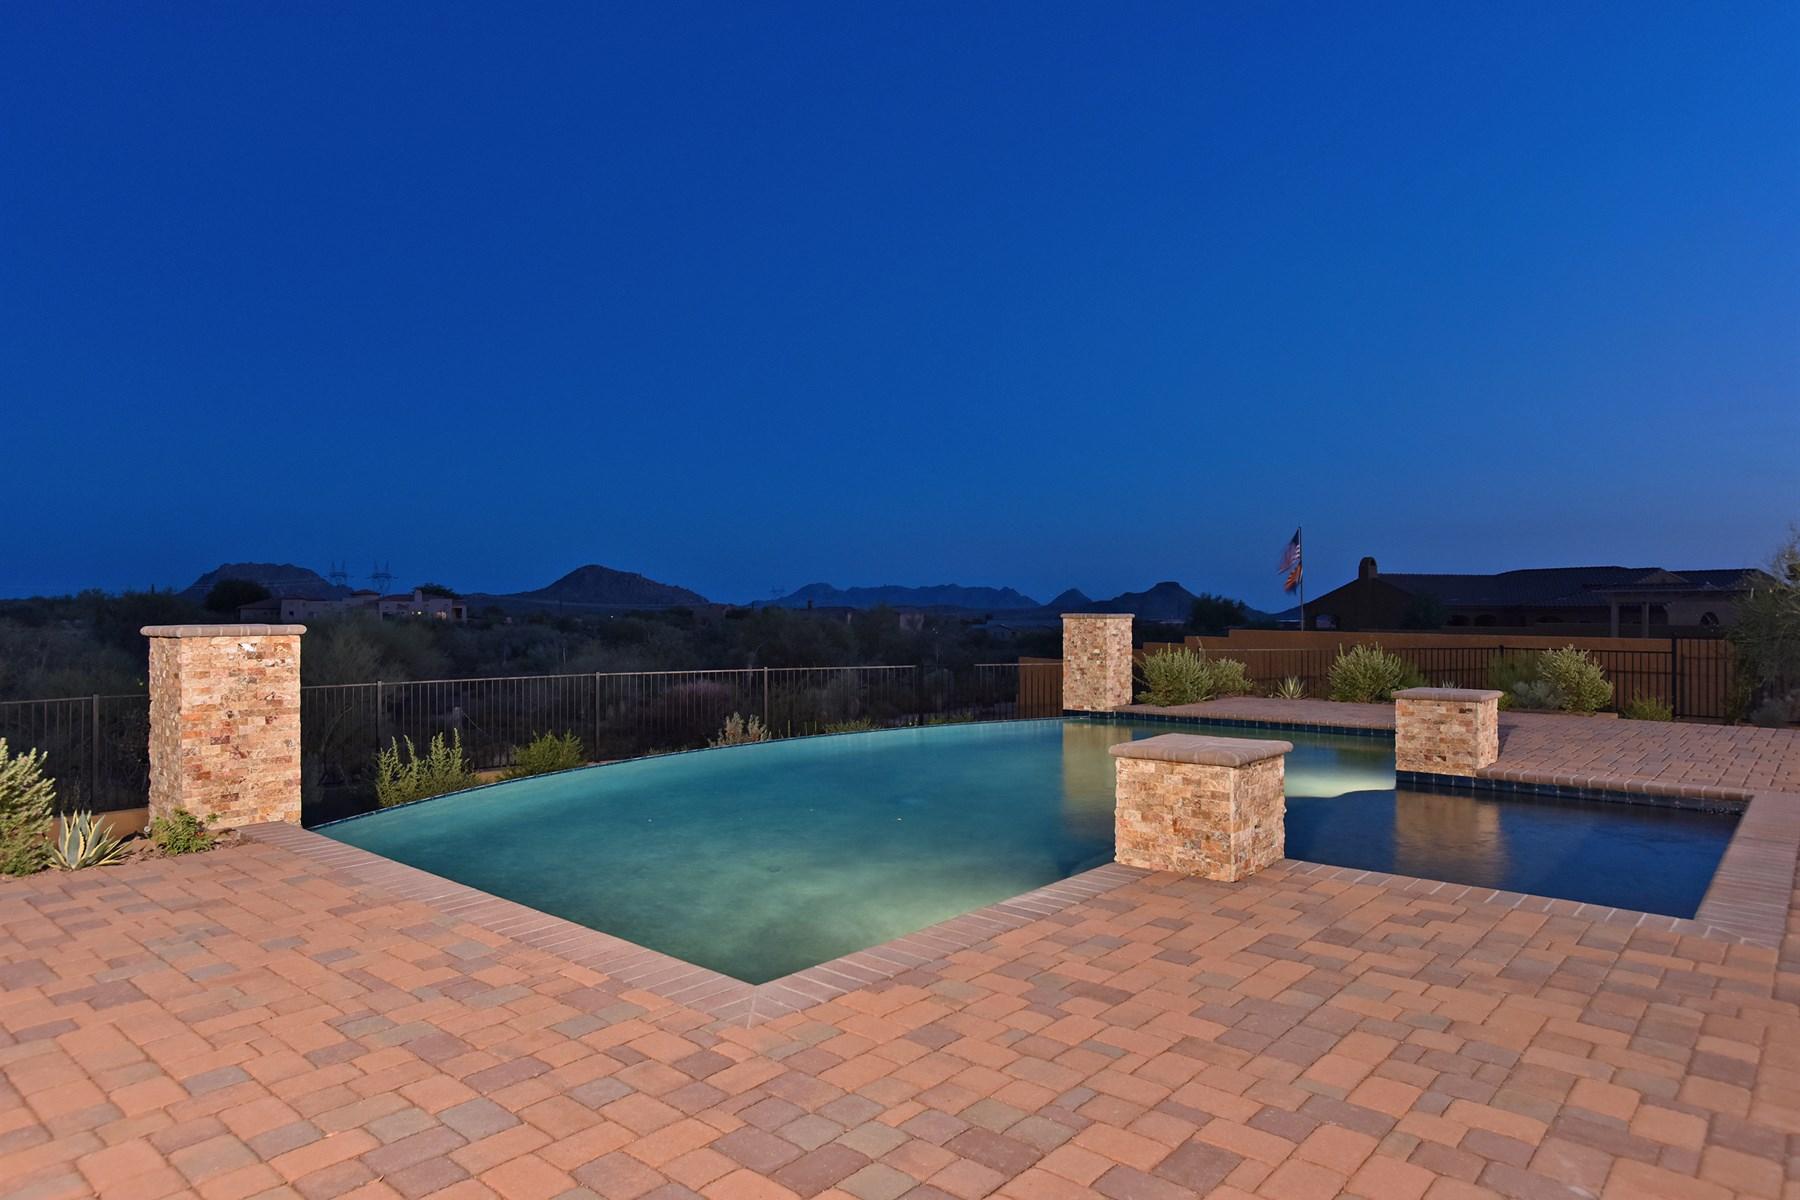 단독 가정 주택 용 매매 에 Modern luxury and energy efficiency in this new build home. 36965 N 109TH WAY Scottsdale, 아리조나 85262 미국